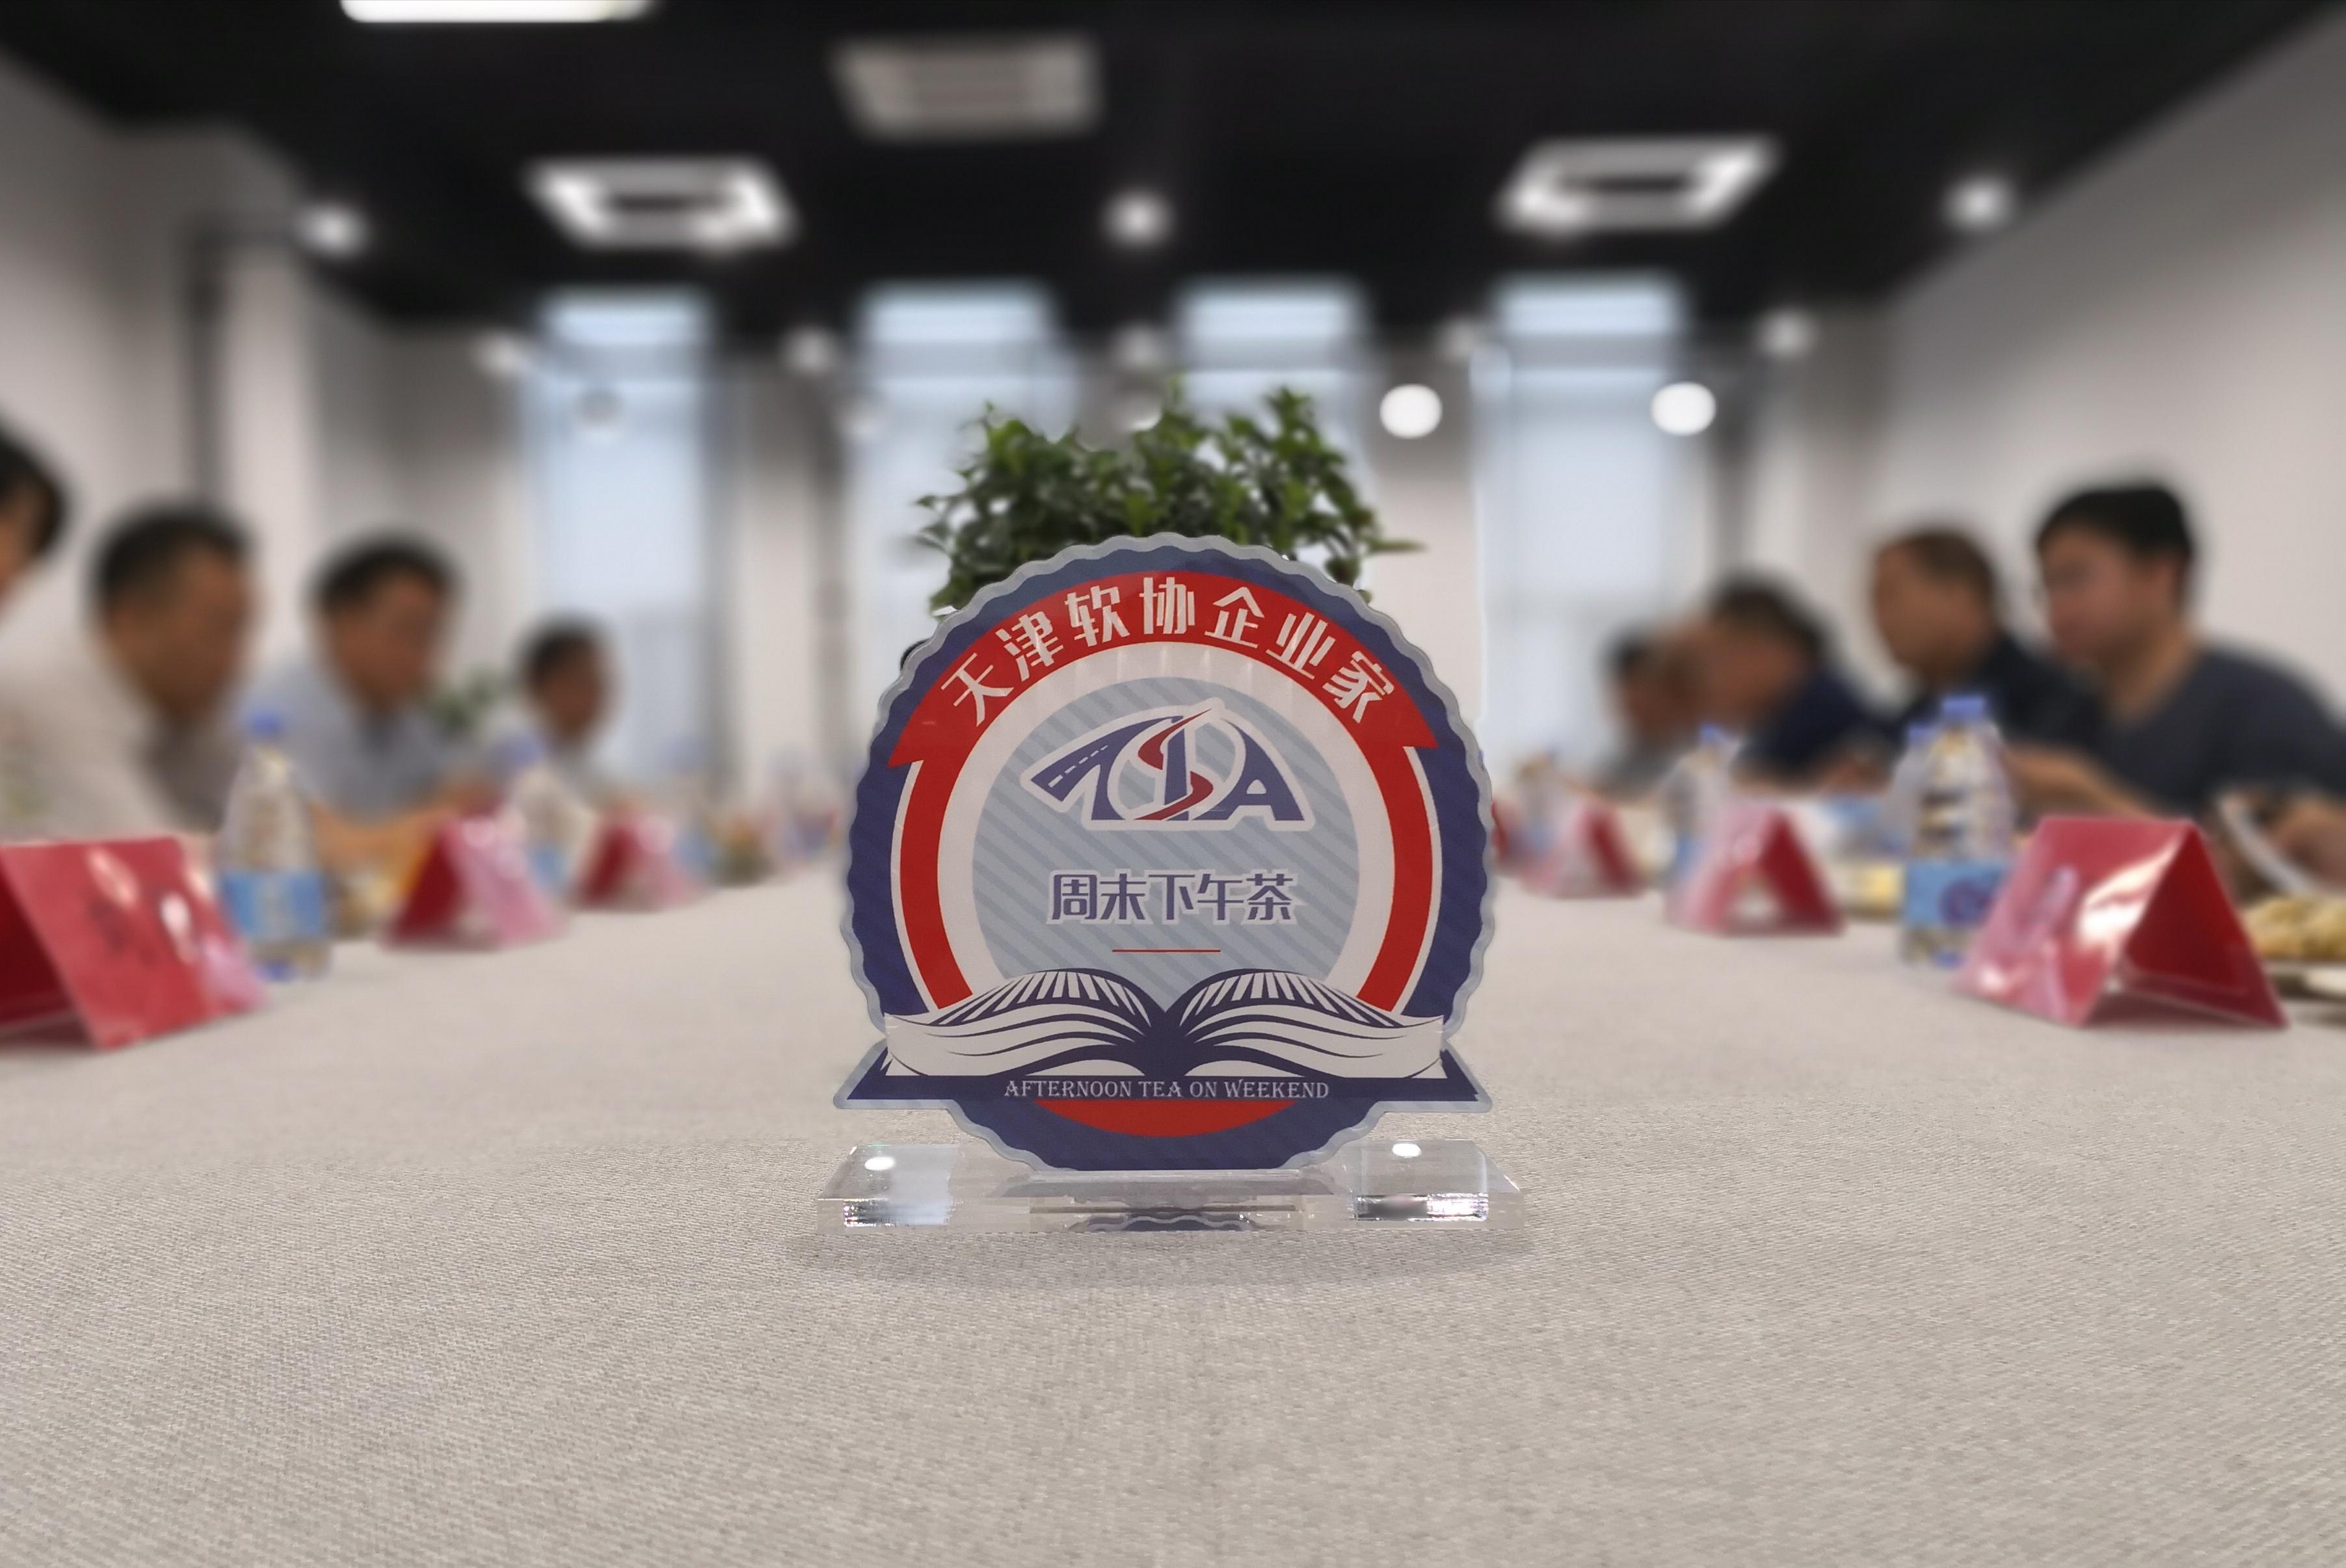 天津软协企业家周末下午茶活动(第十八期)成功举办